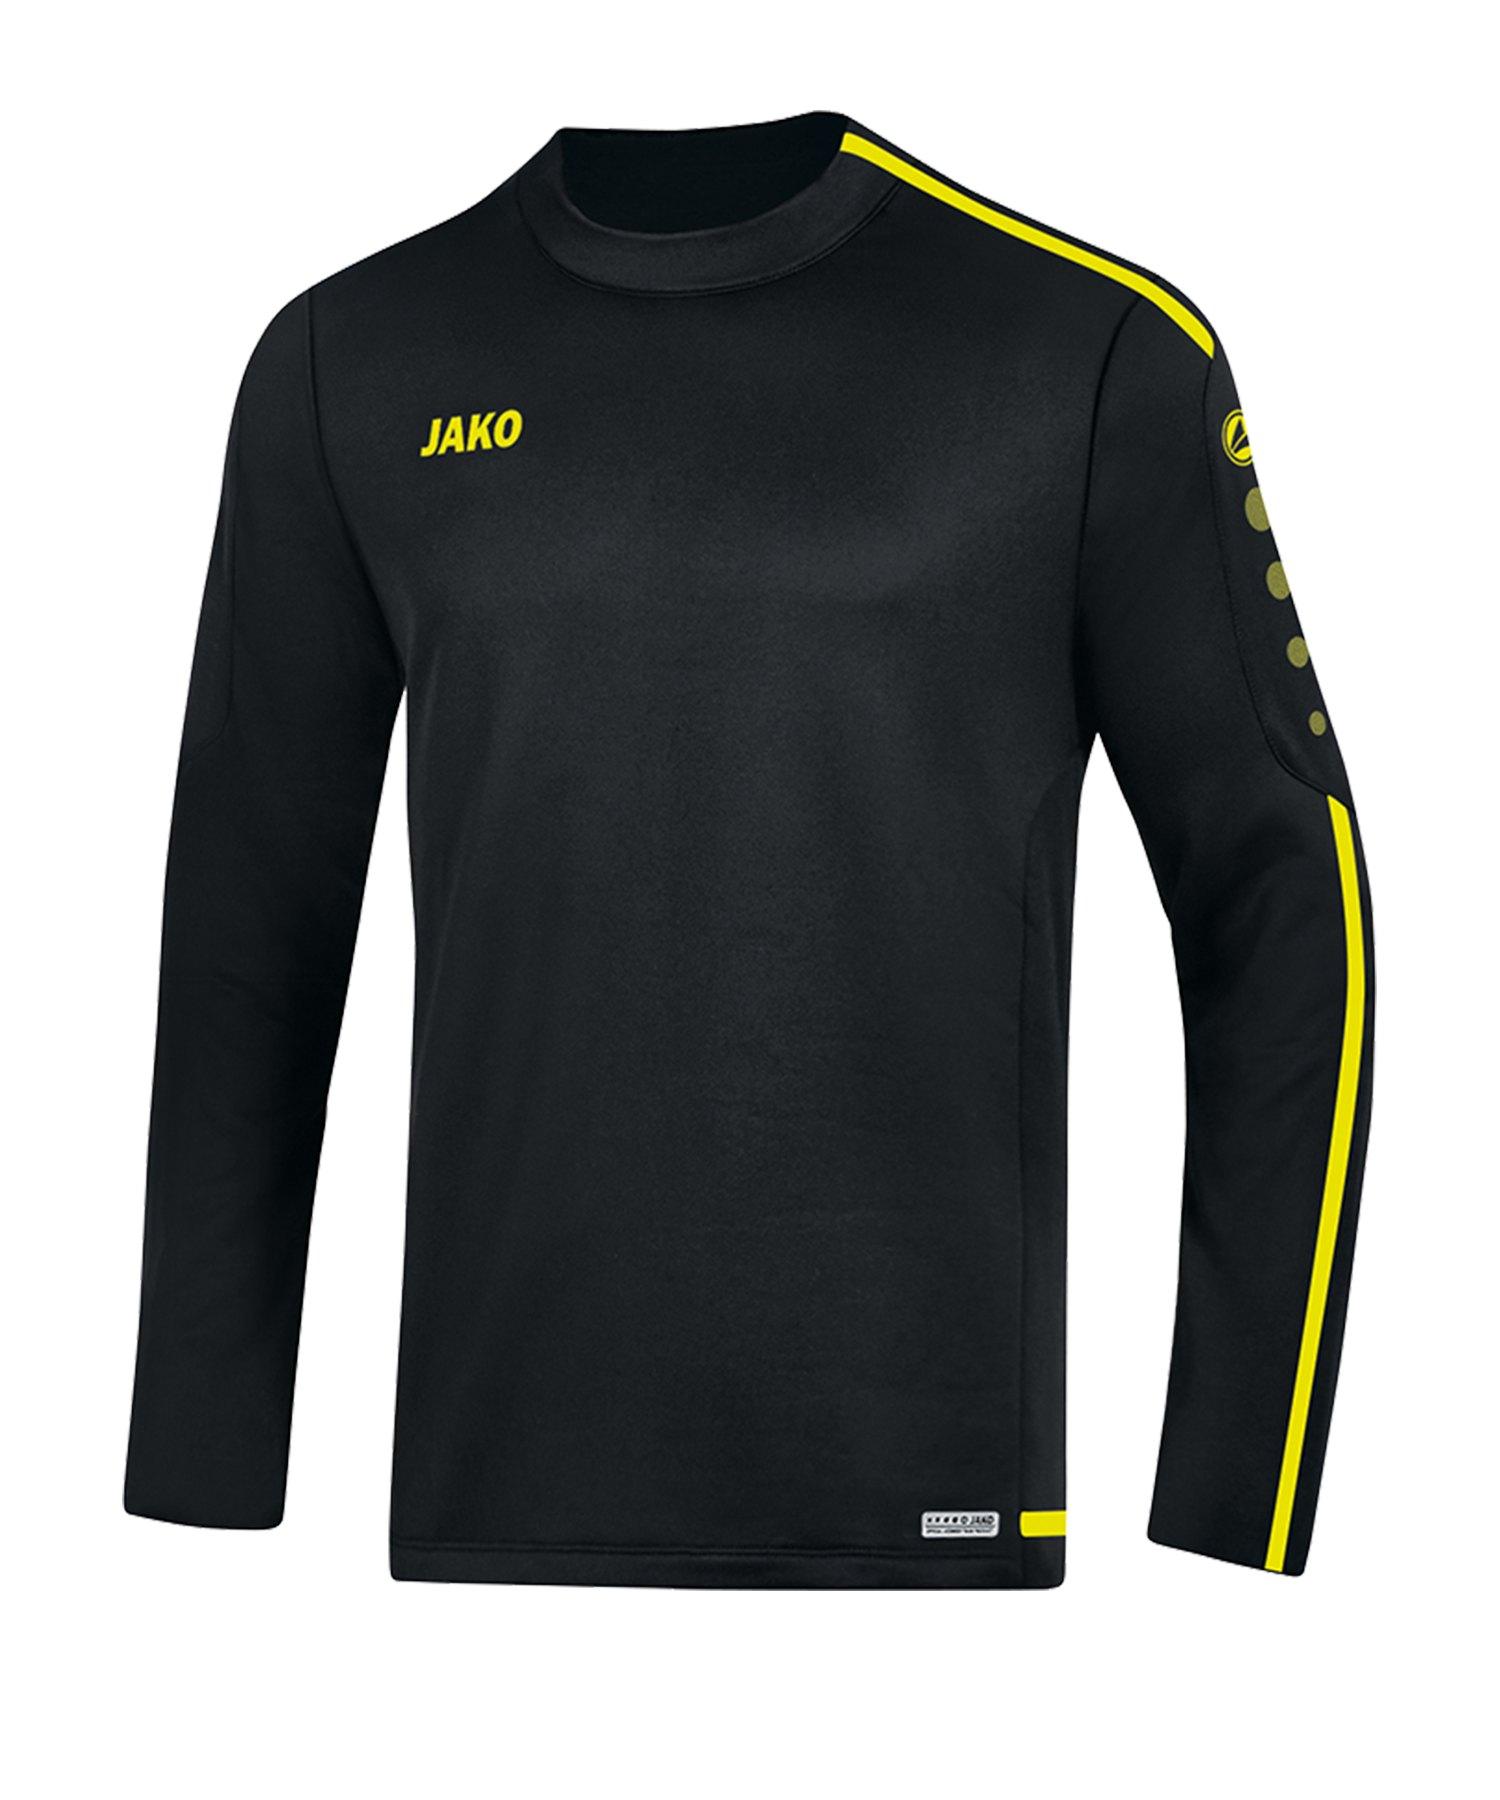 Jako Striker 2.0 Sweatshirt Schwarz Gelb F33 - Schwarz